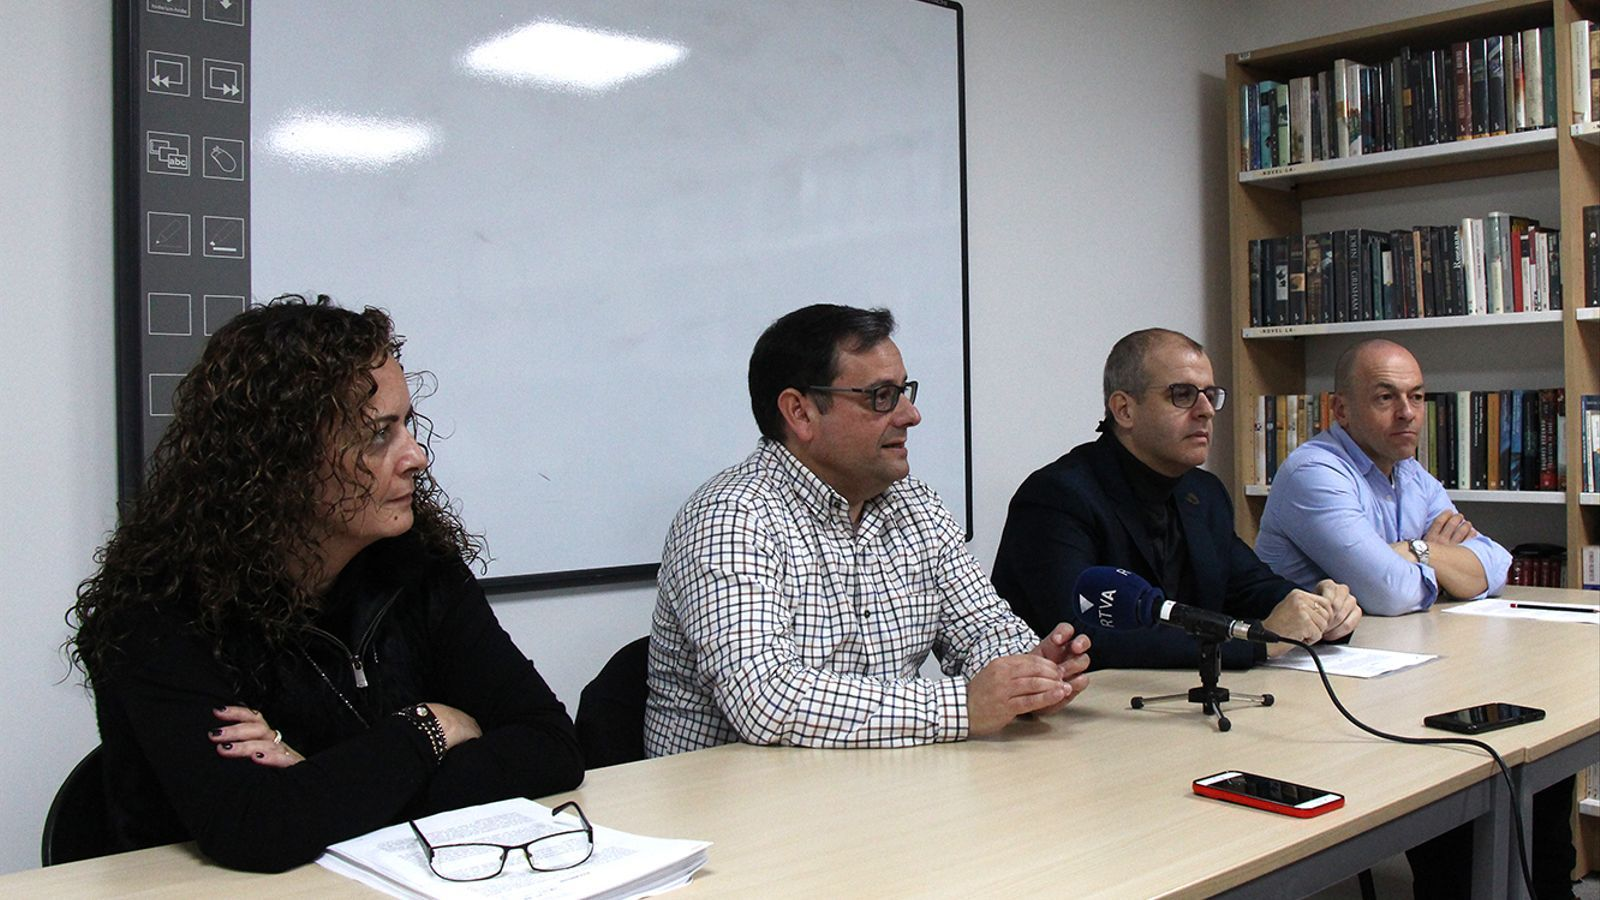 El president del CFPA, Salvador Prieto, i els vocals Llorenç Martí i Lara Vilamala, acompanyats del seu lletrat, Josep Antoni Silvestre, durant la roda de premsa. / M. F.